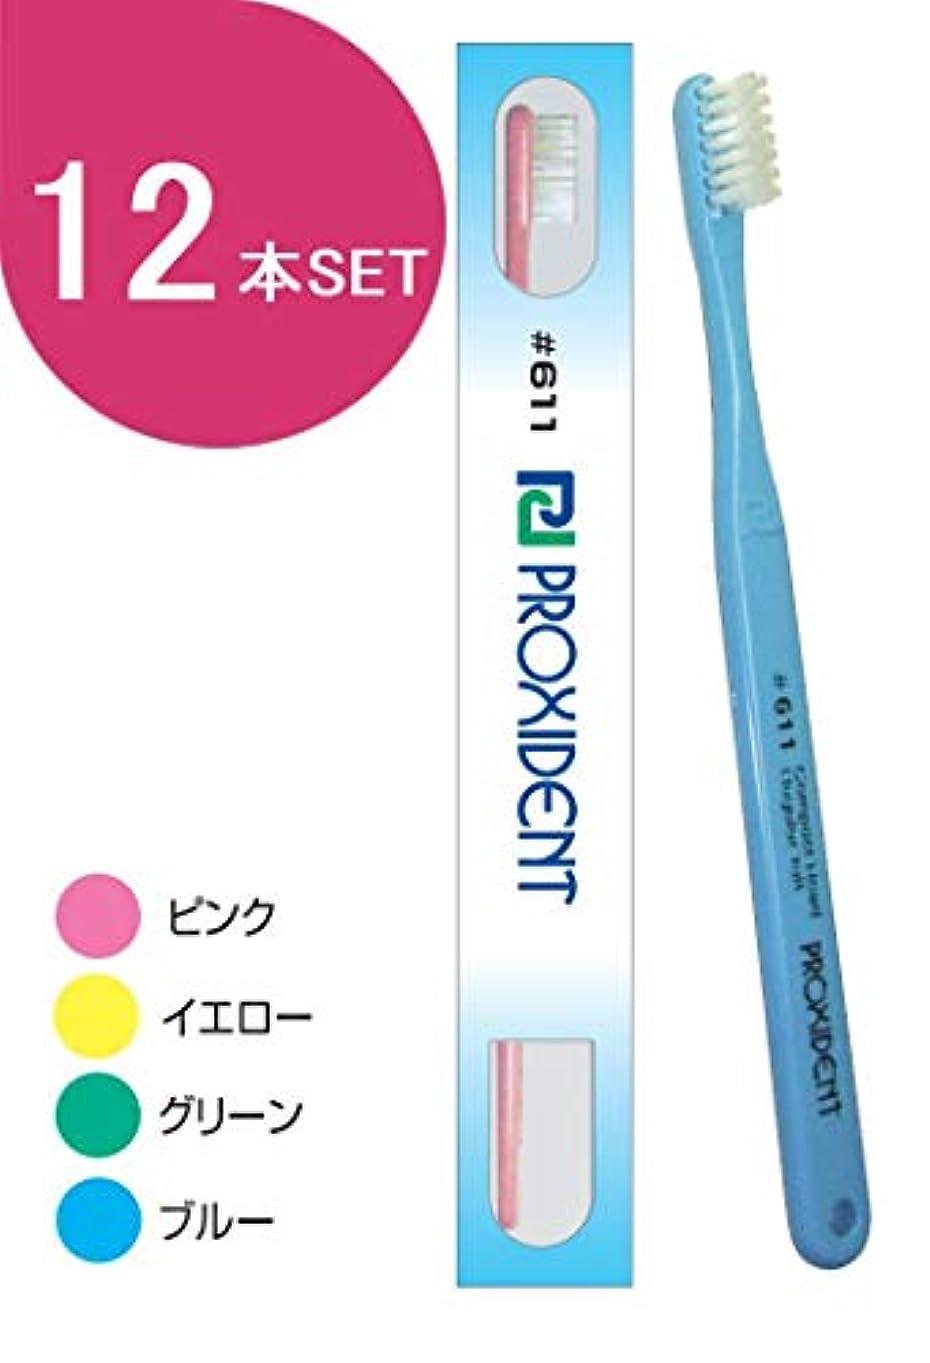 カリング警告劇作家プローデント プロキシデント コンパクト レギュラータフト 歯ブラシ #611 (12本)